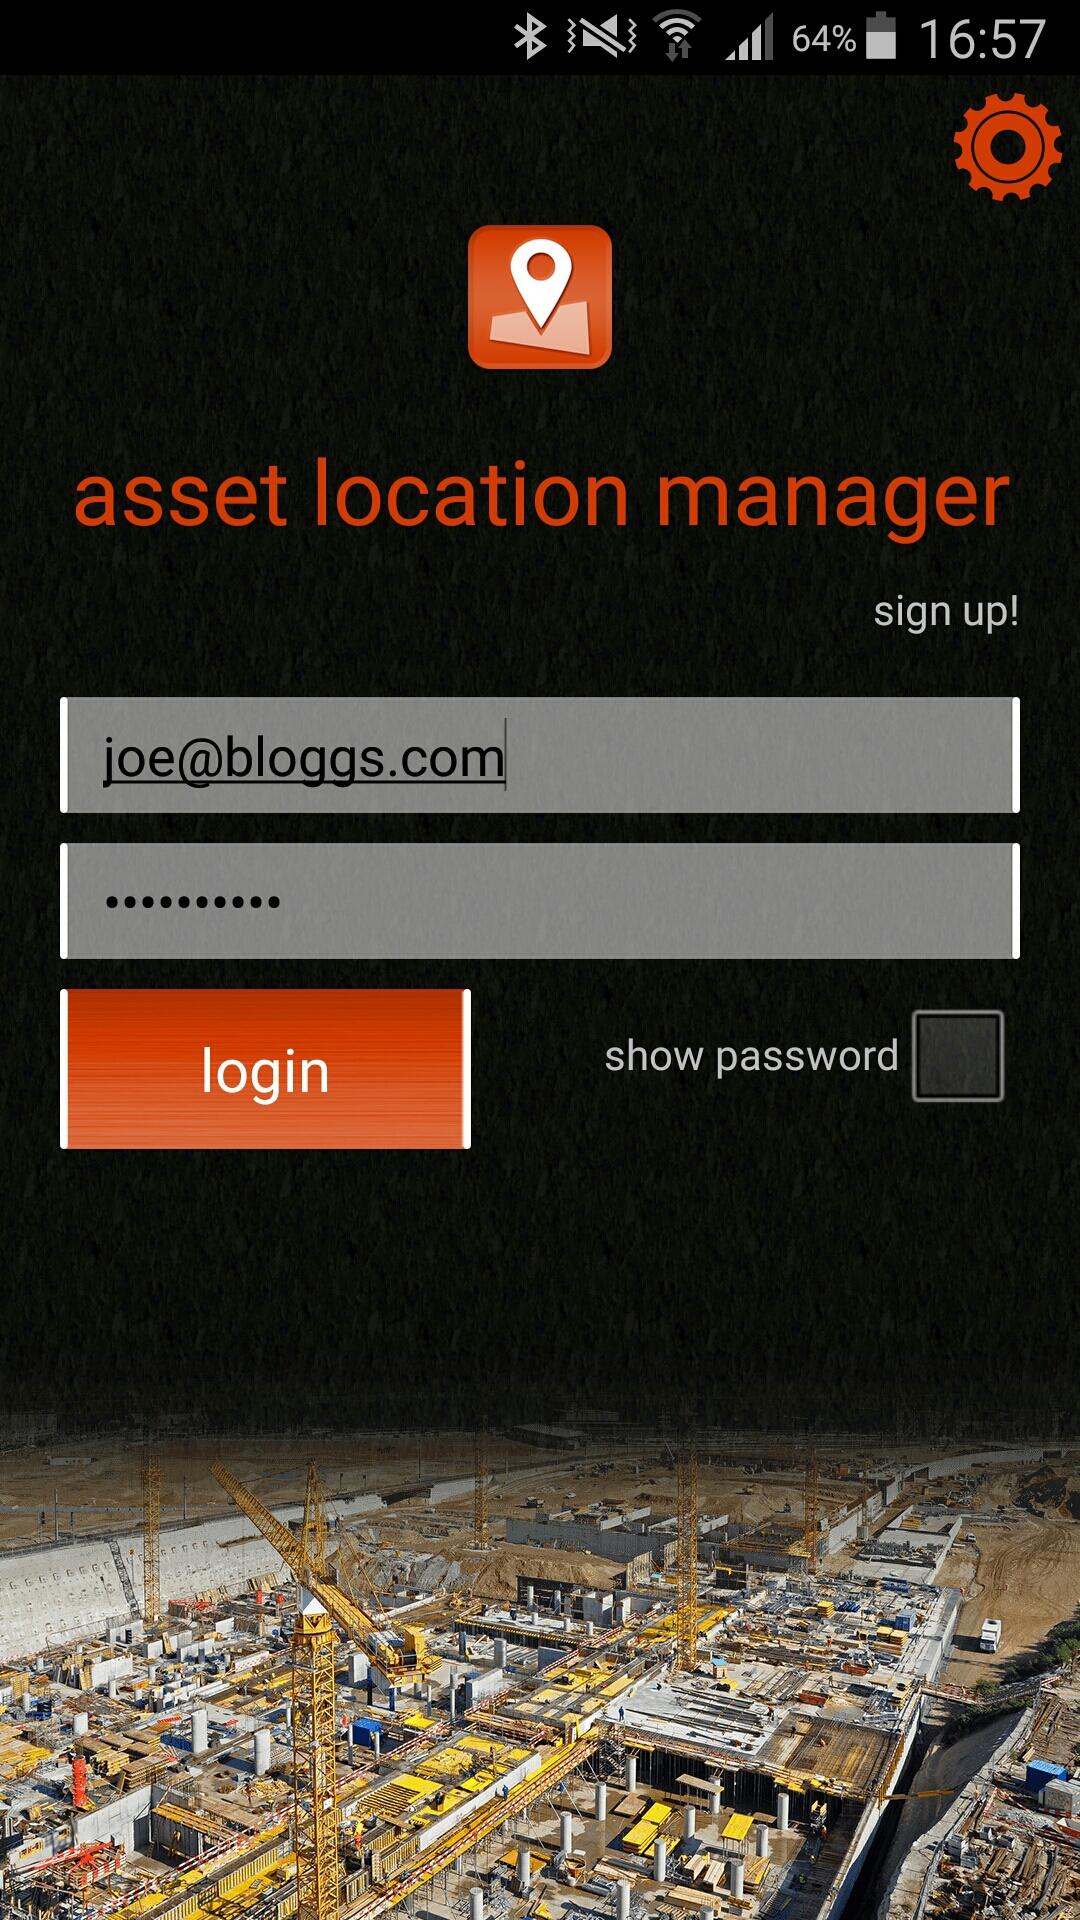 ginstr_app_asset_location_manager_EN-1